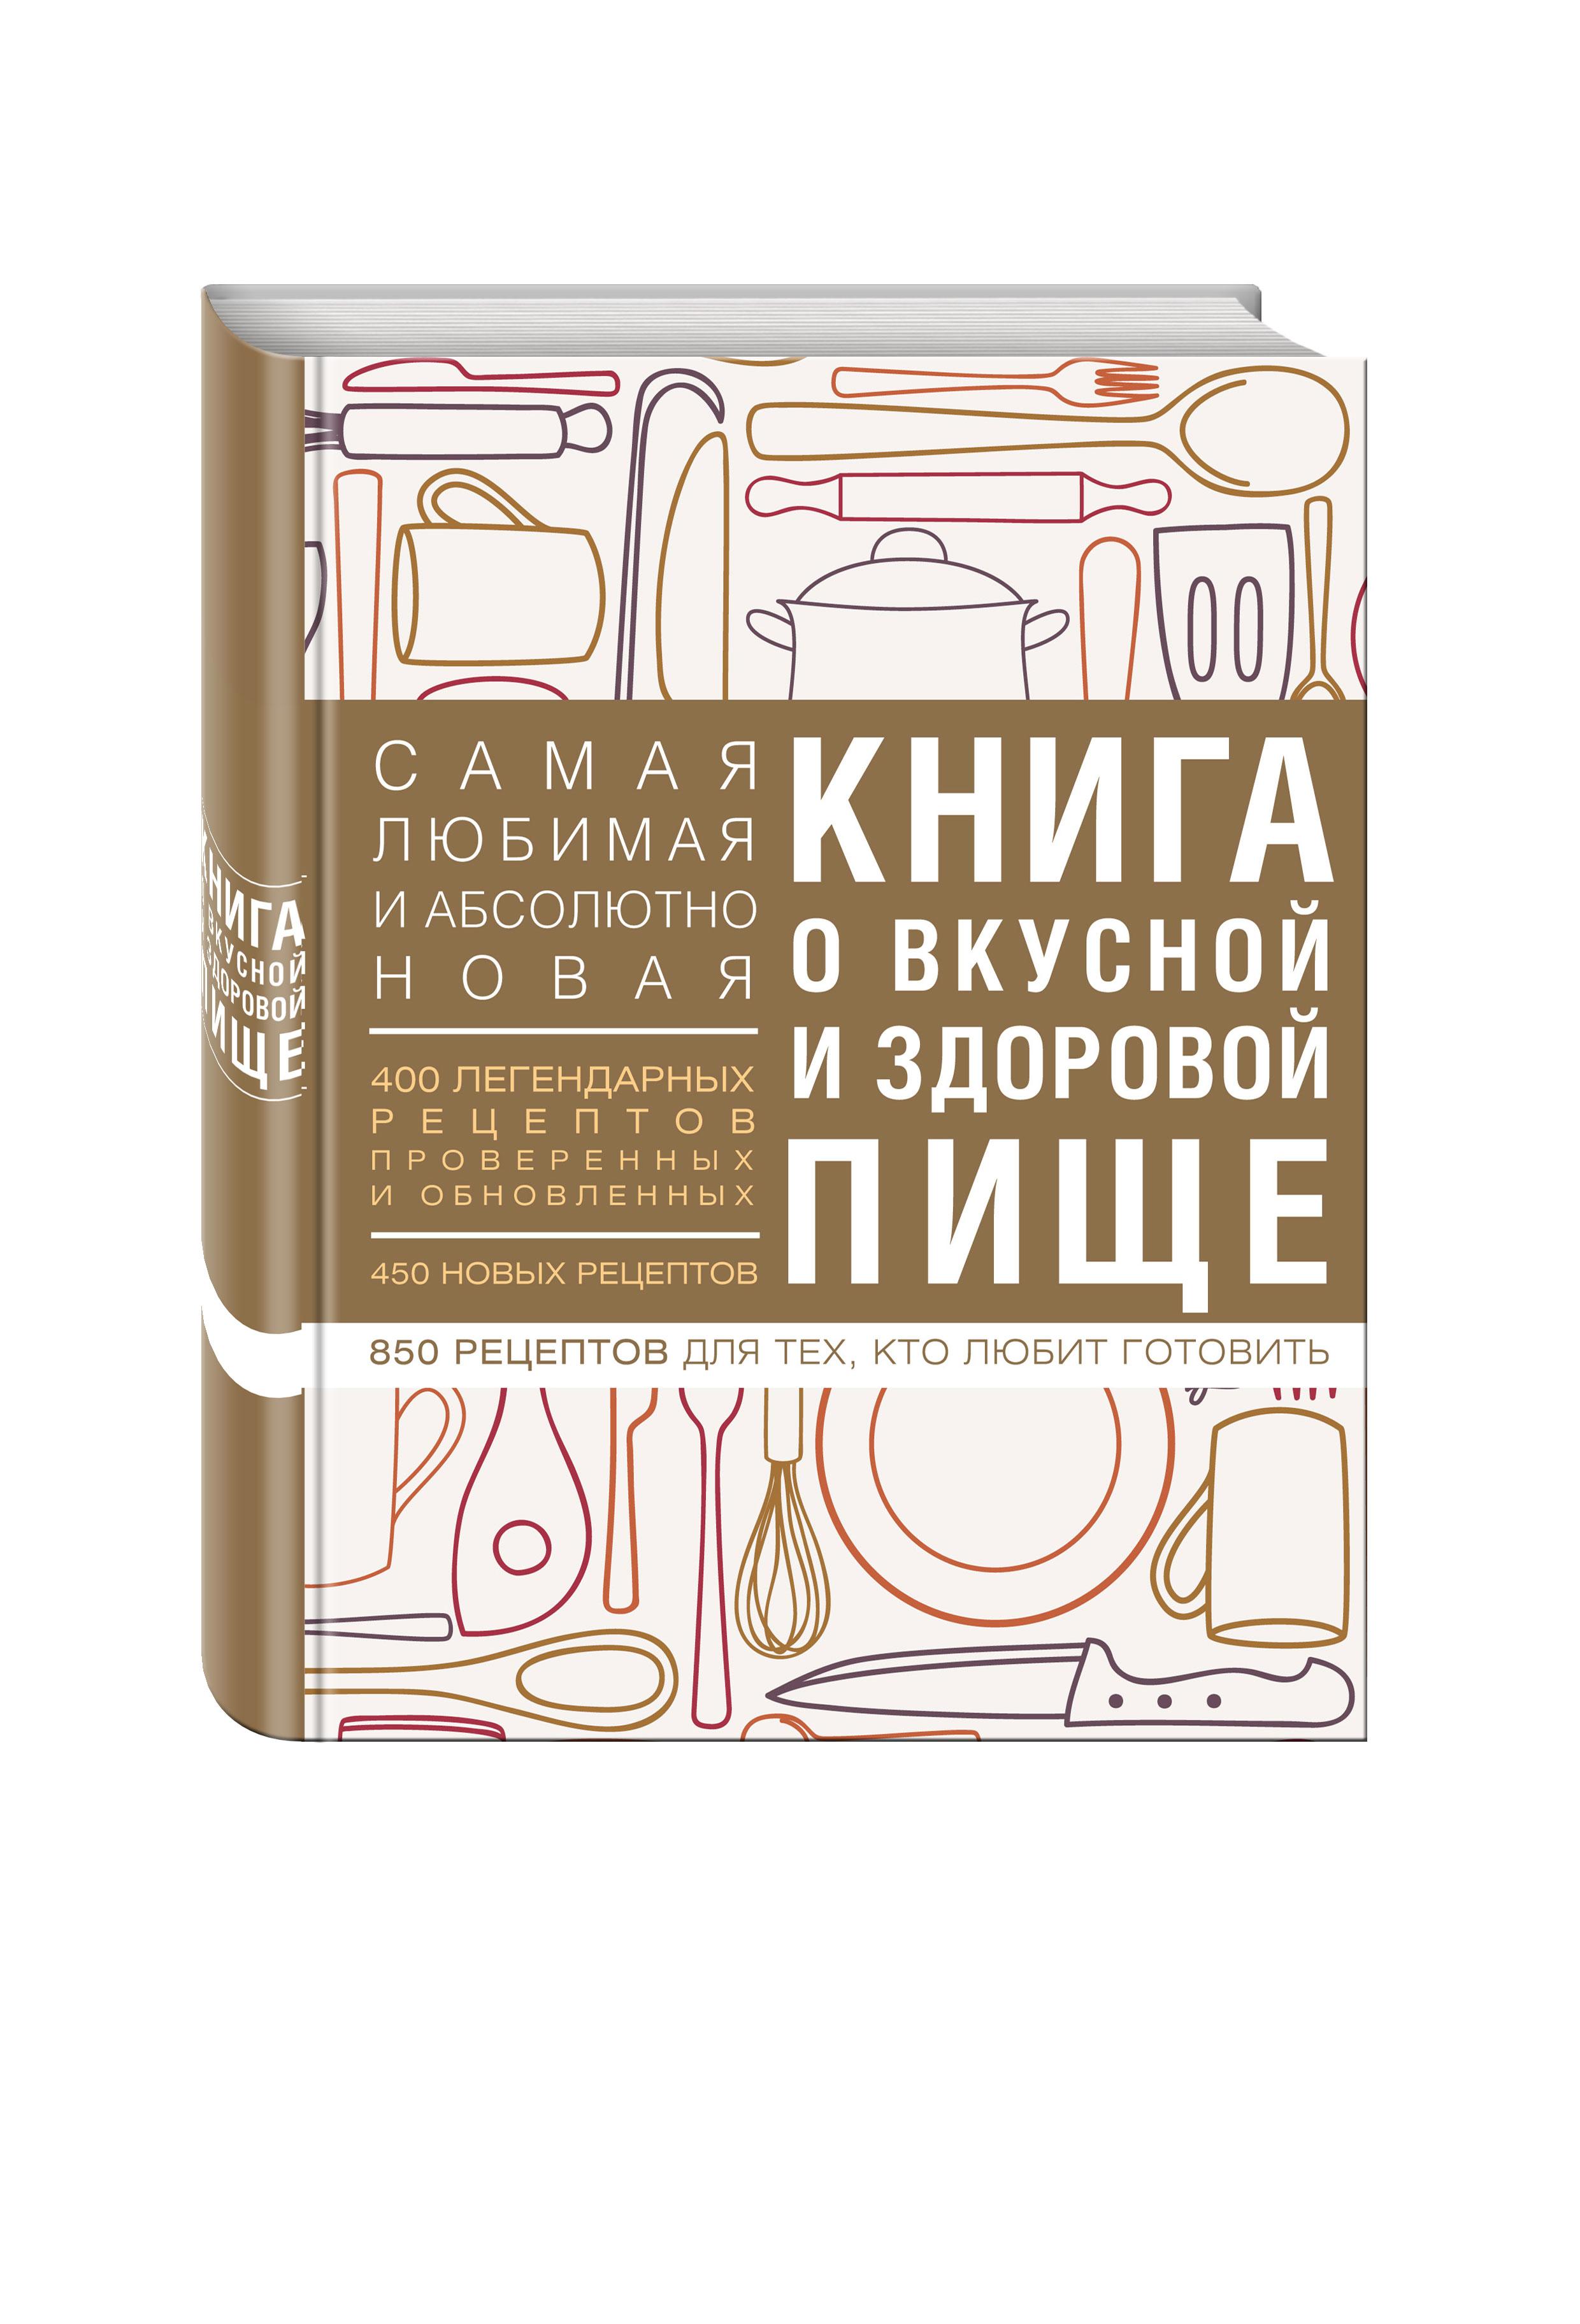 Книга о вкусной и здоровой пище (с ин-том питания) 1е оформление fo 83002 кружка гольфист mug the golfer forchino